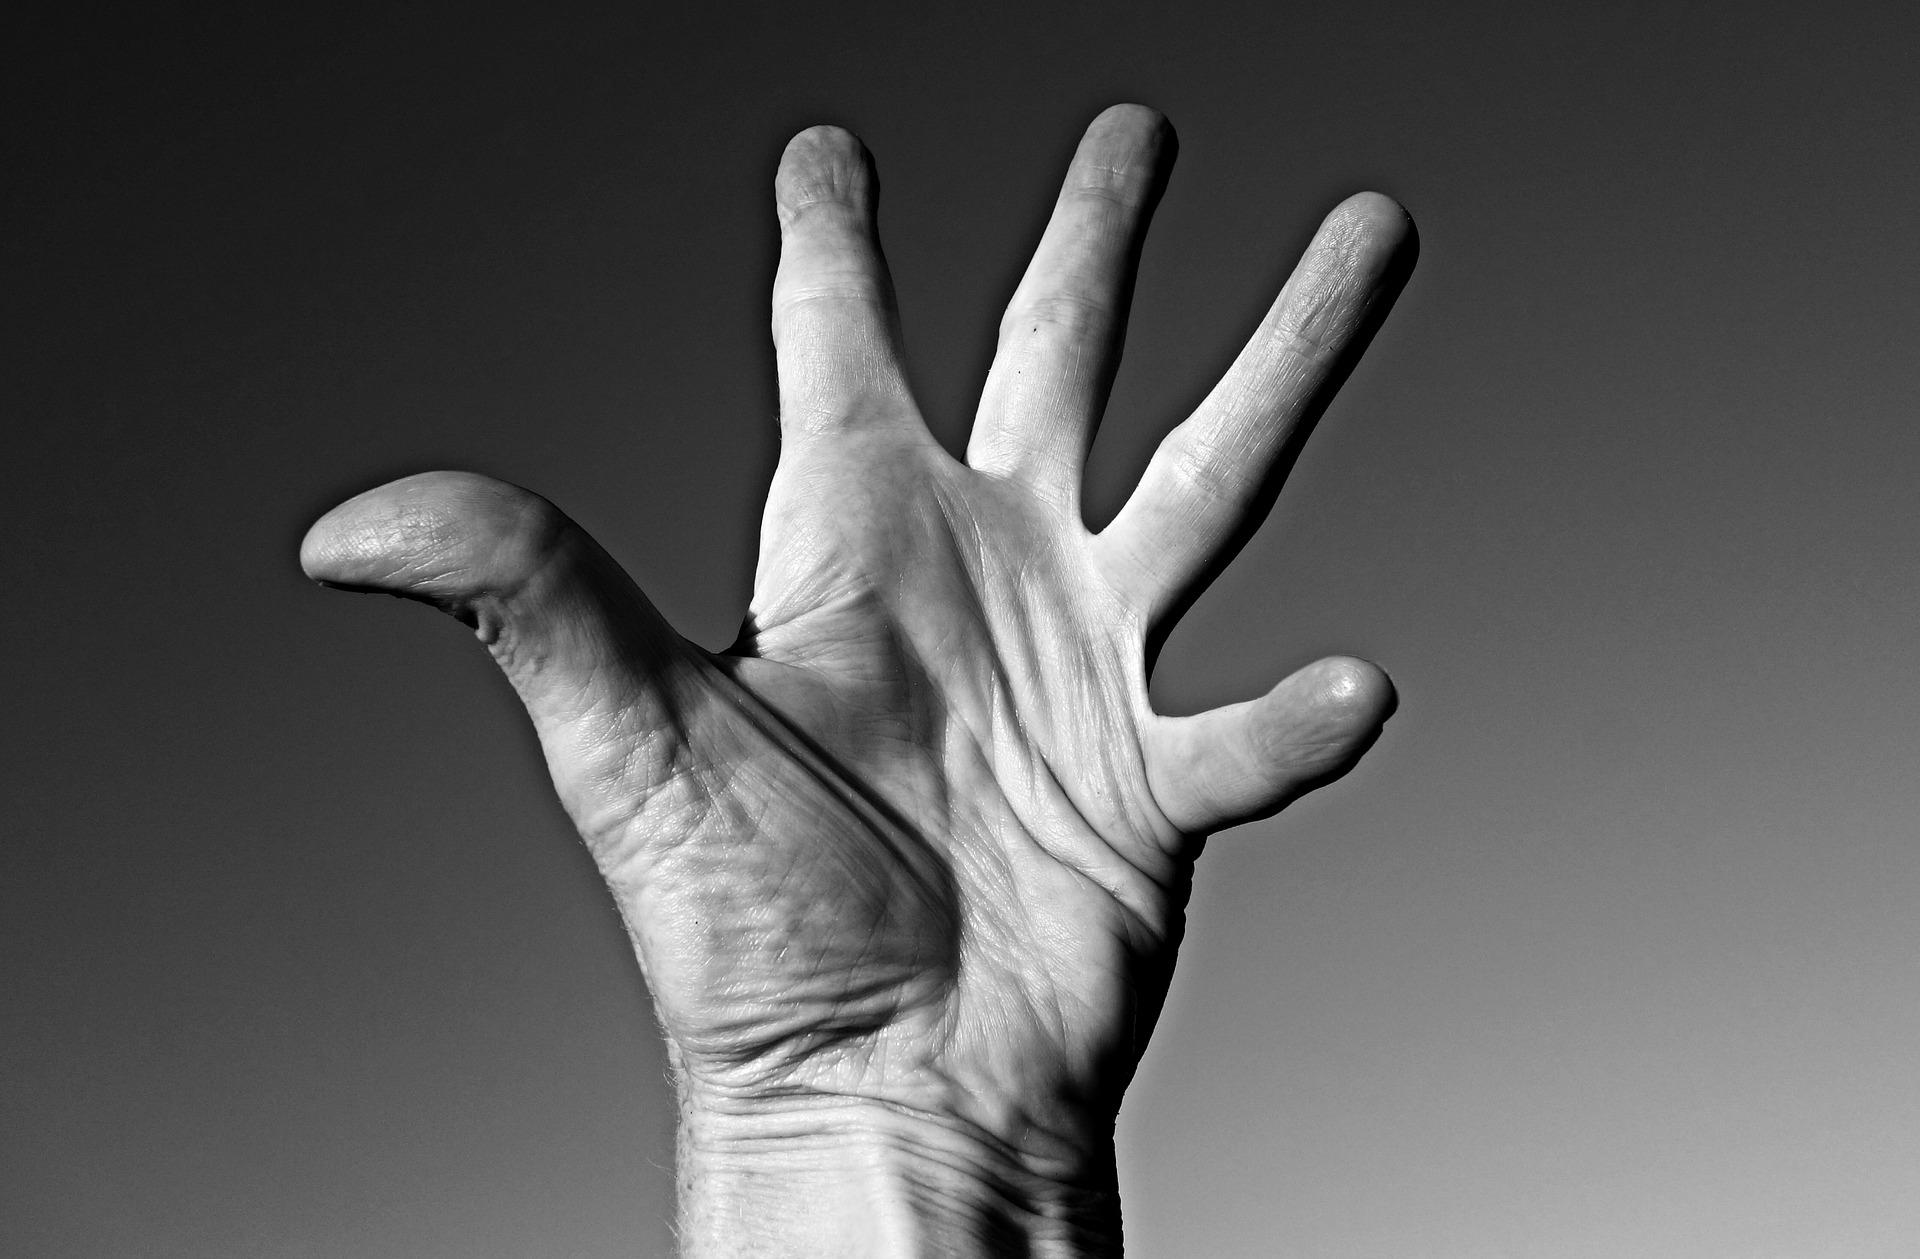 hand-1621180_1920